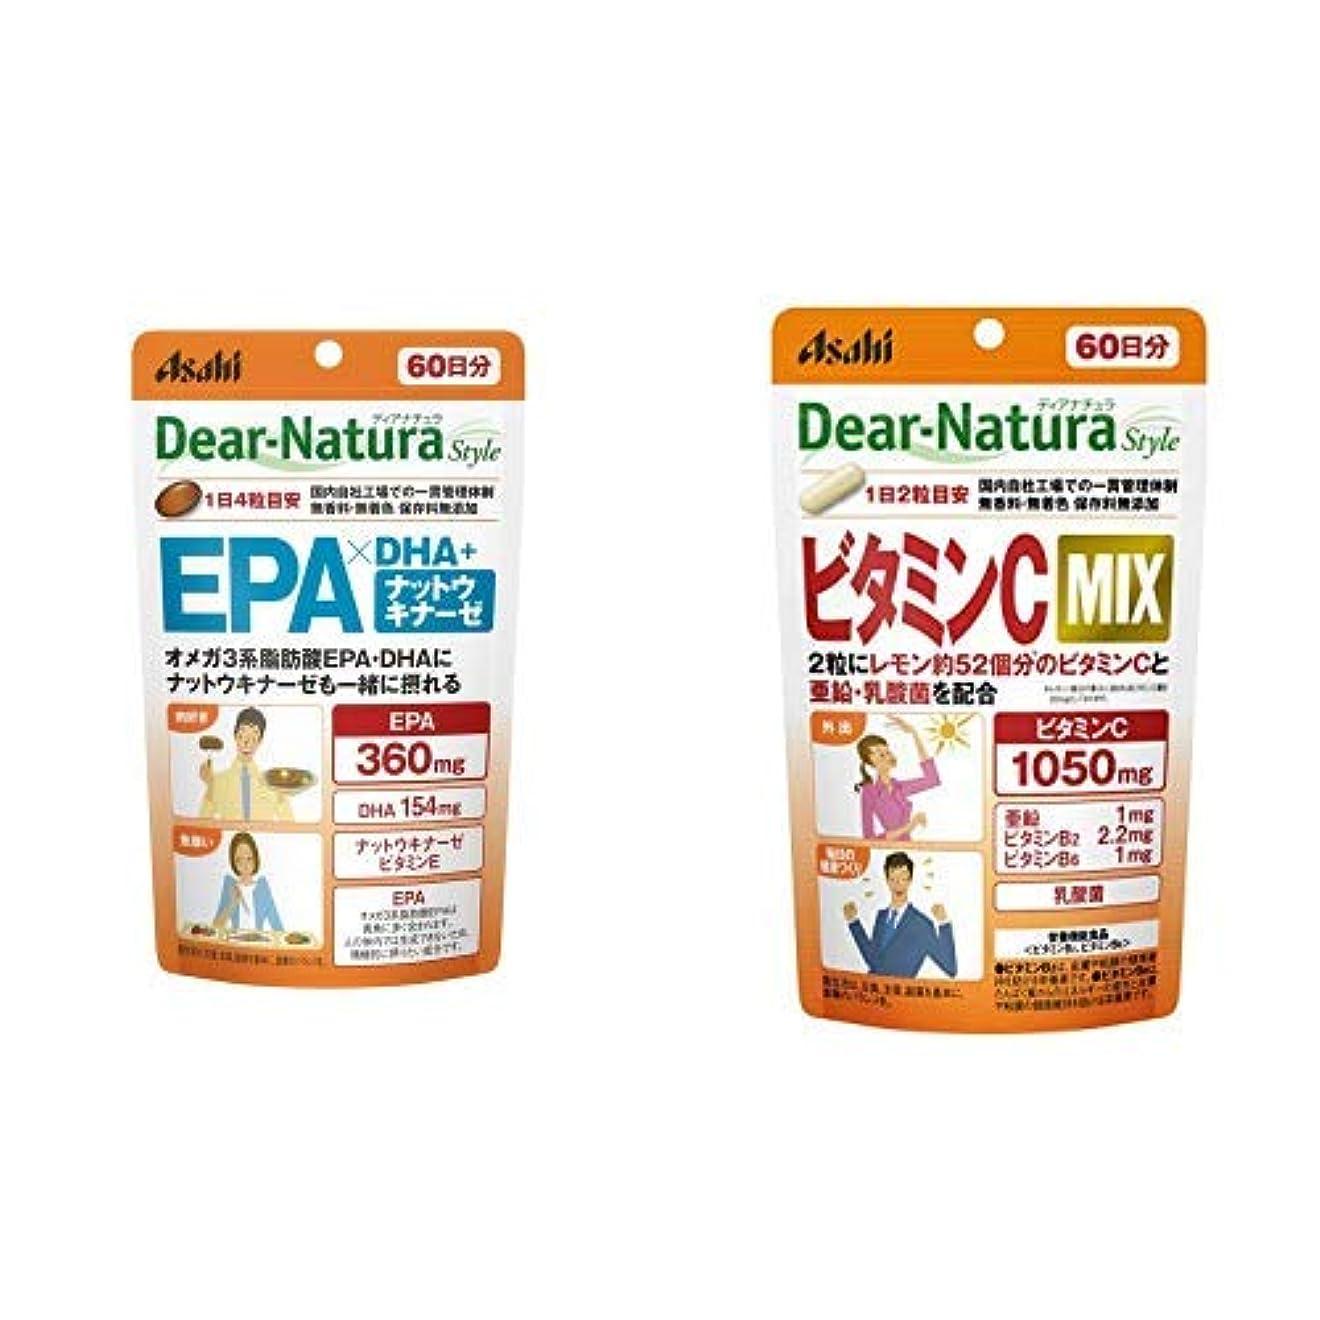 好色なモデレータリズム【セット買い】ディアナチュラスタイル EPA×DHA+ナットウキナーゼ 60日分 & ビタミンC MIX 60日分